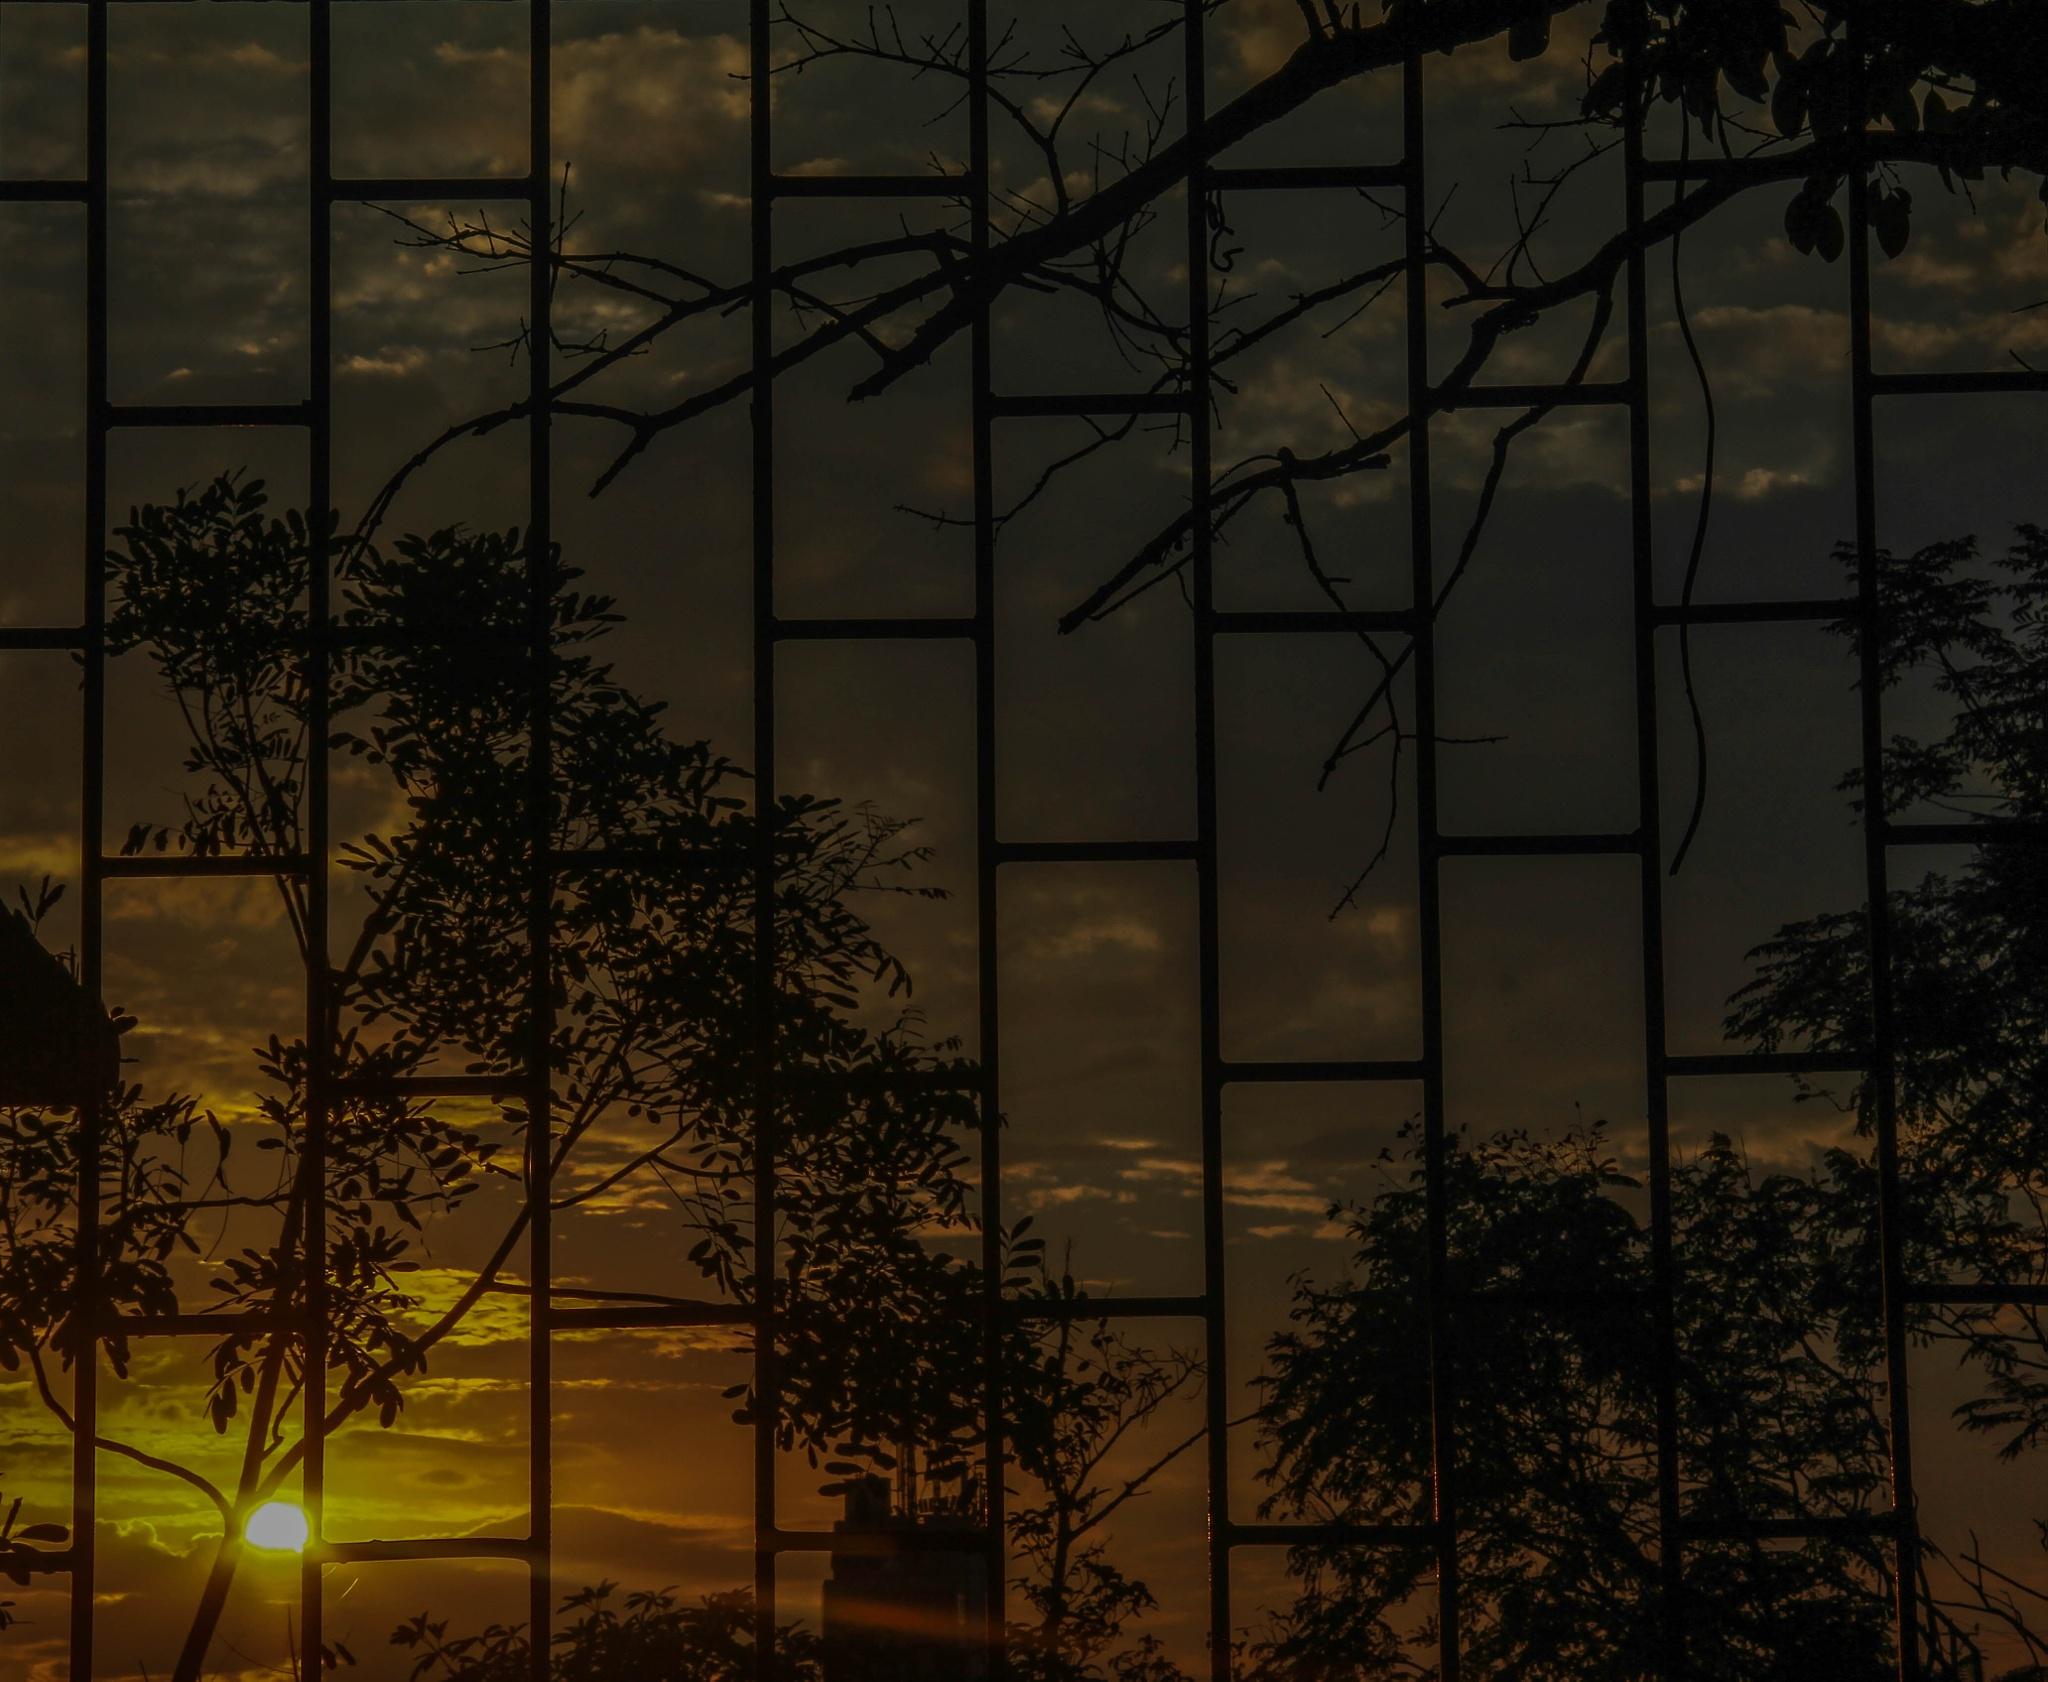 Sunset through the door by Ngo Trung Kien